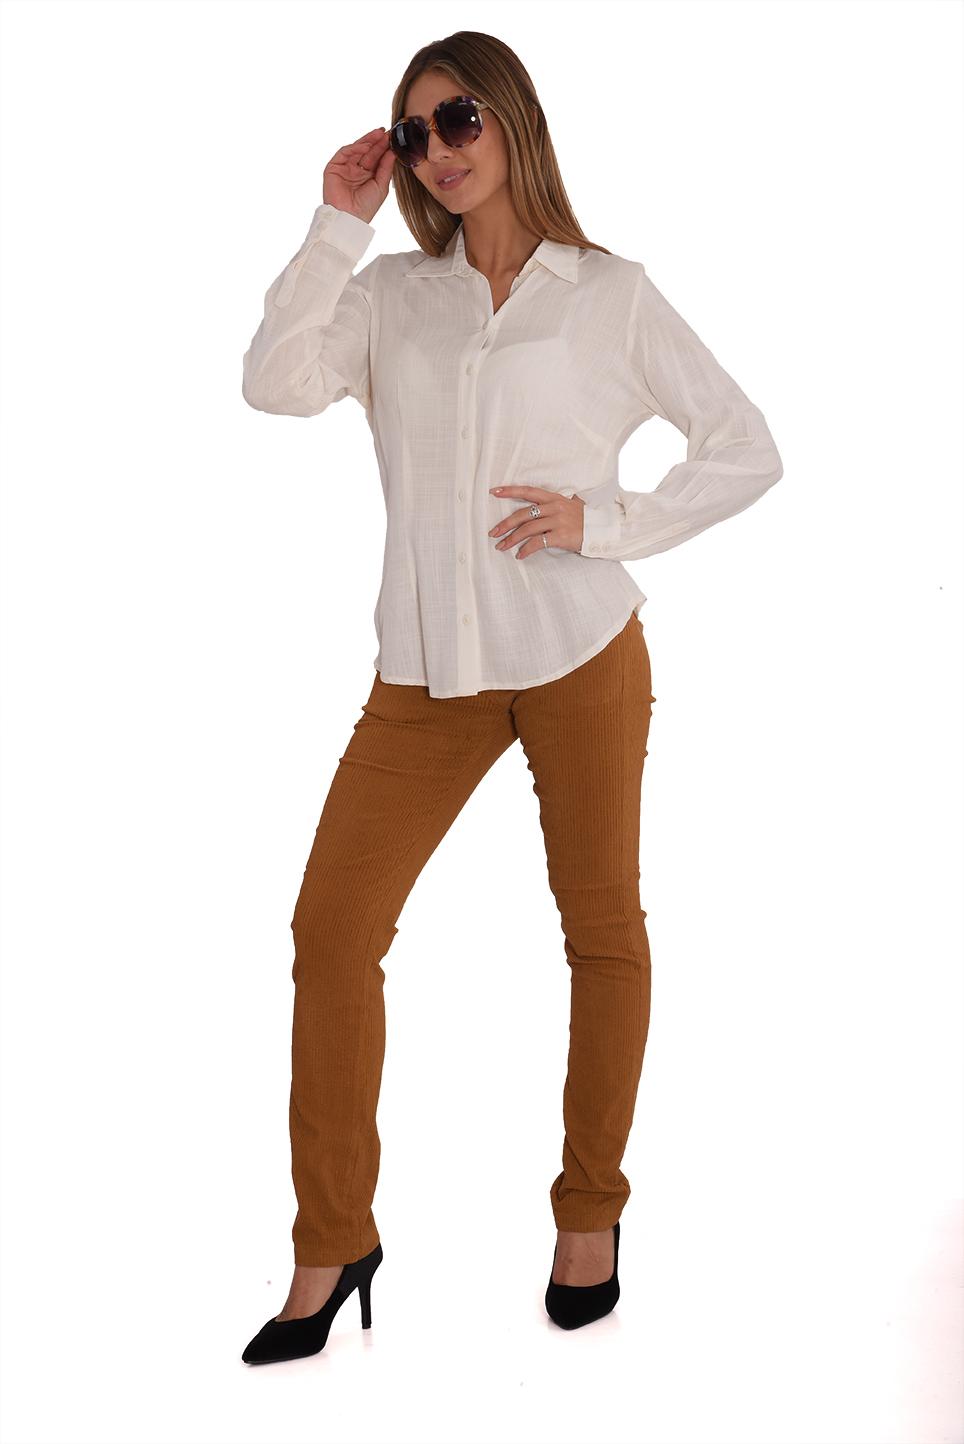 מכנס קורדרוי בגזרה ישרה בצבע חרדל